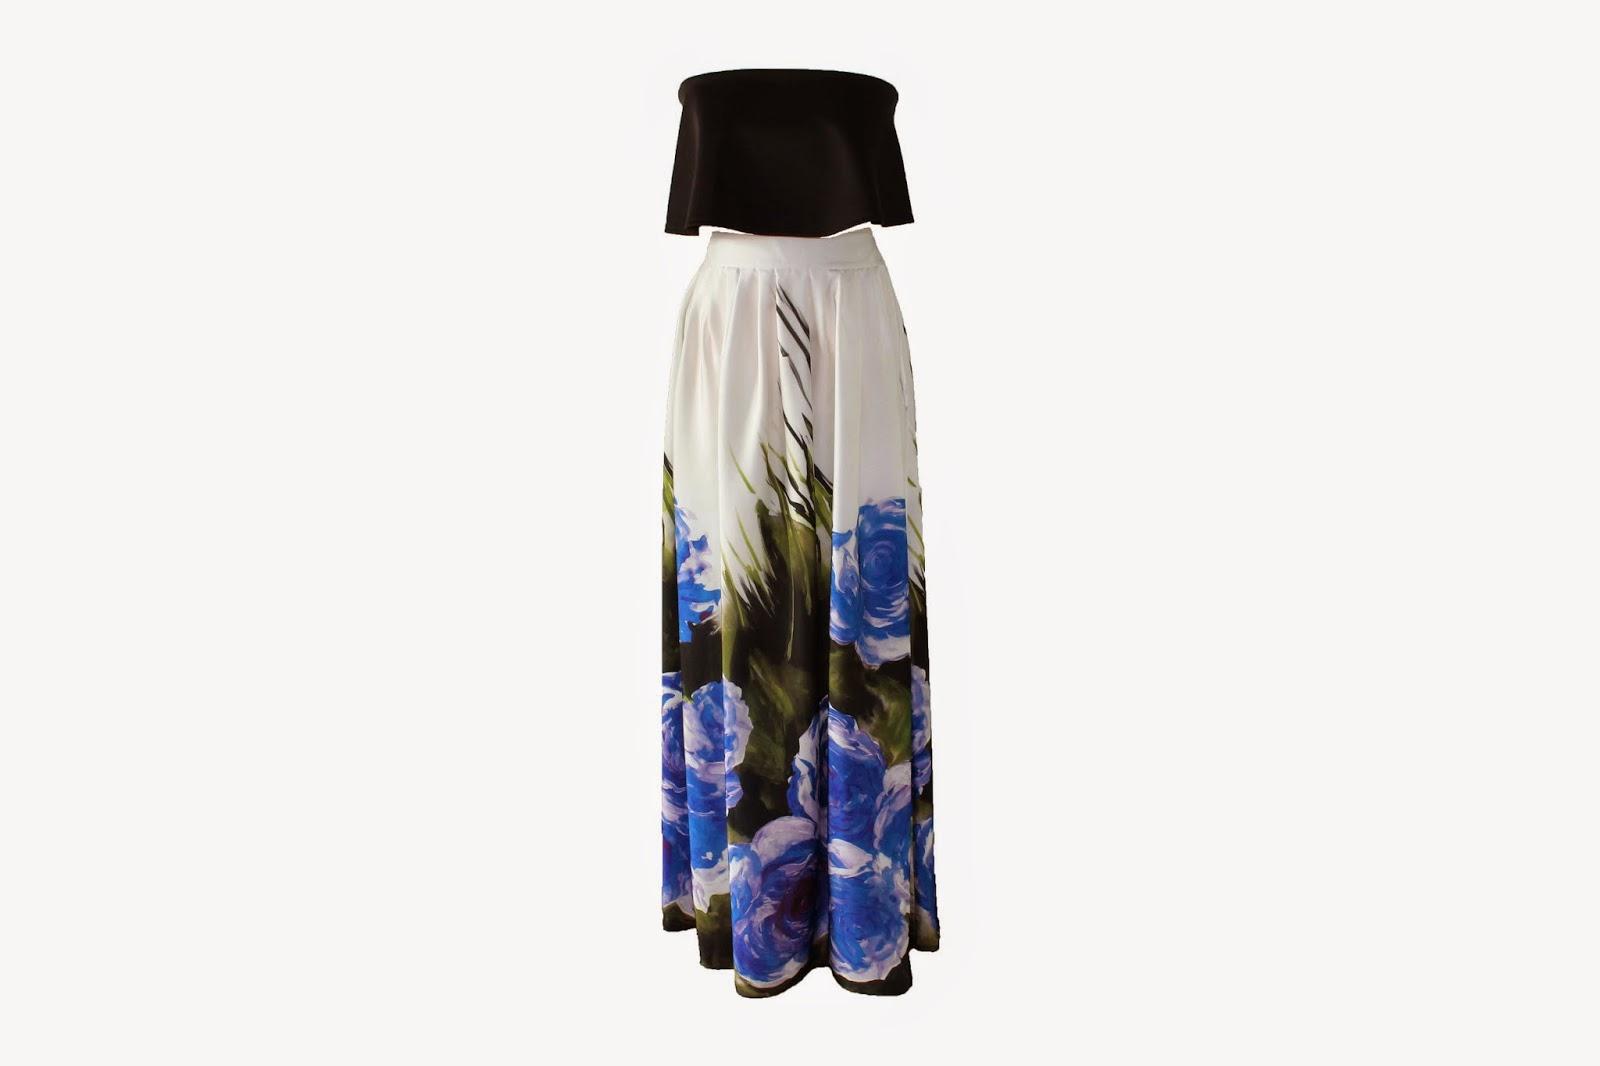 Vestido de Amaya Arzuaga disponible en Lamasmona.com